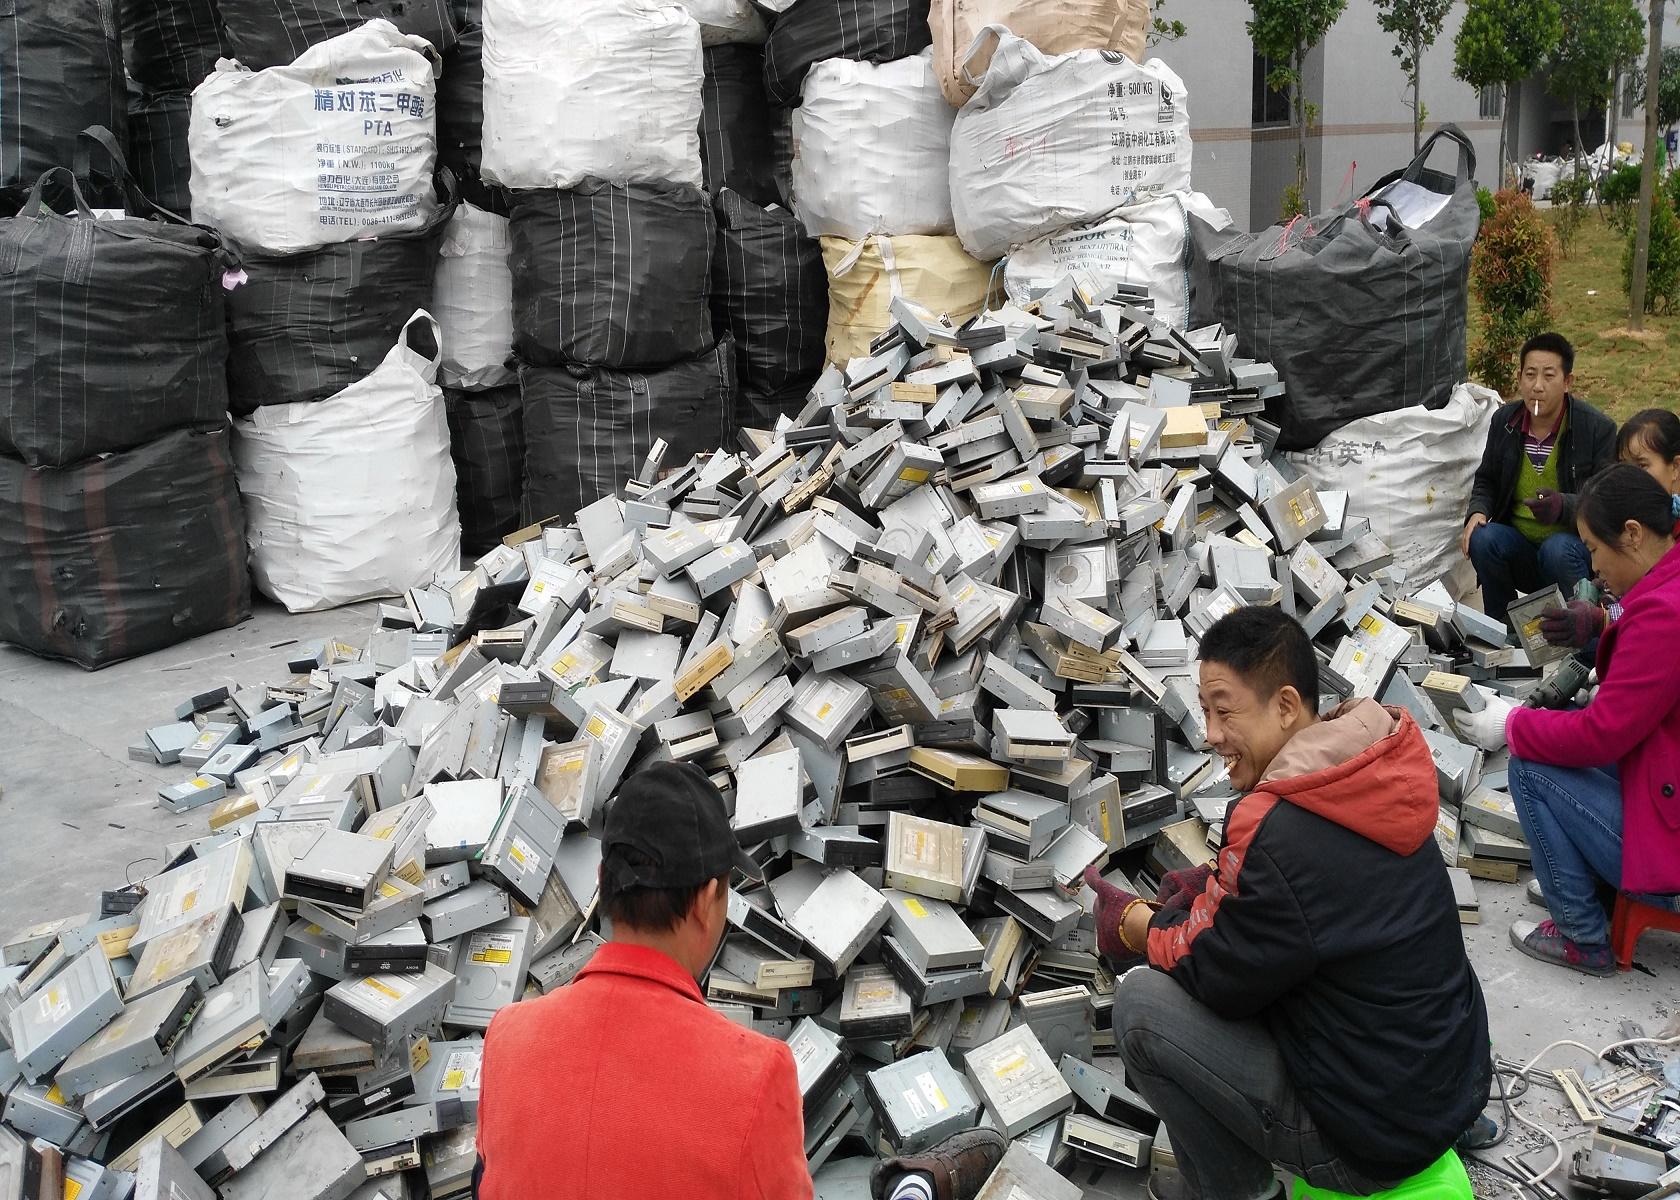 Trabalhadores chineses removem ouro, paládio e cobre das placas de circuitos eletrônicos. Foto Imaginechina